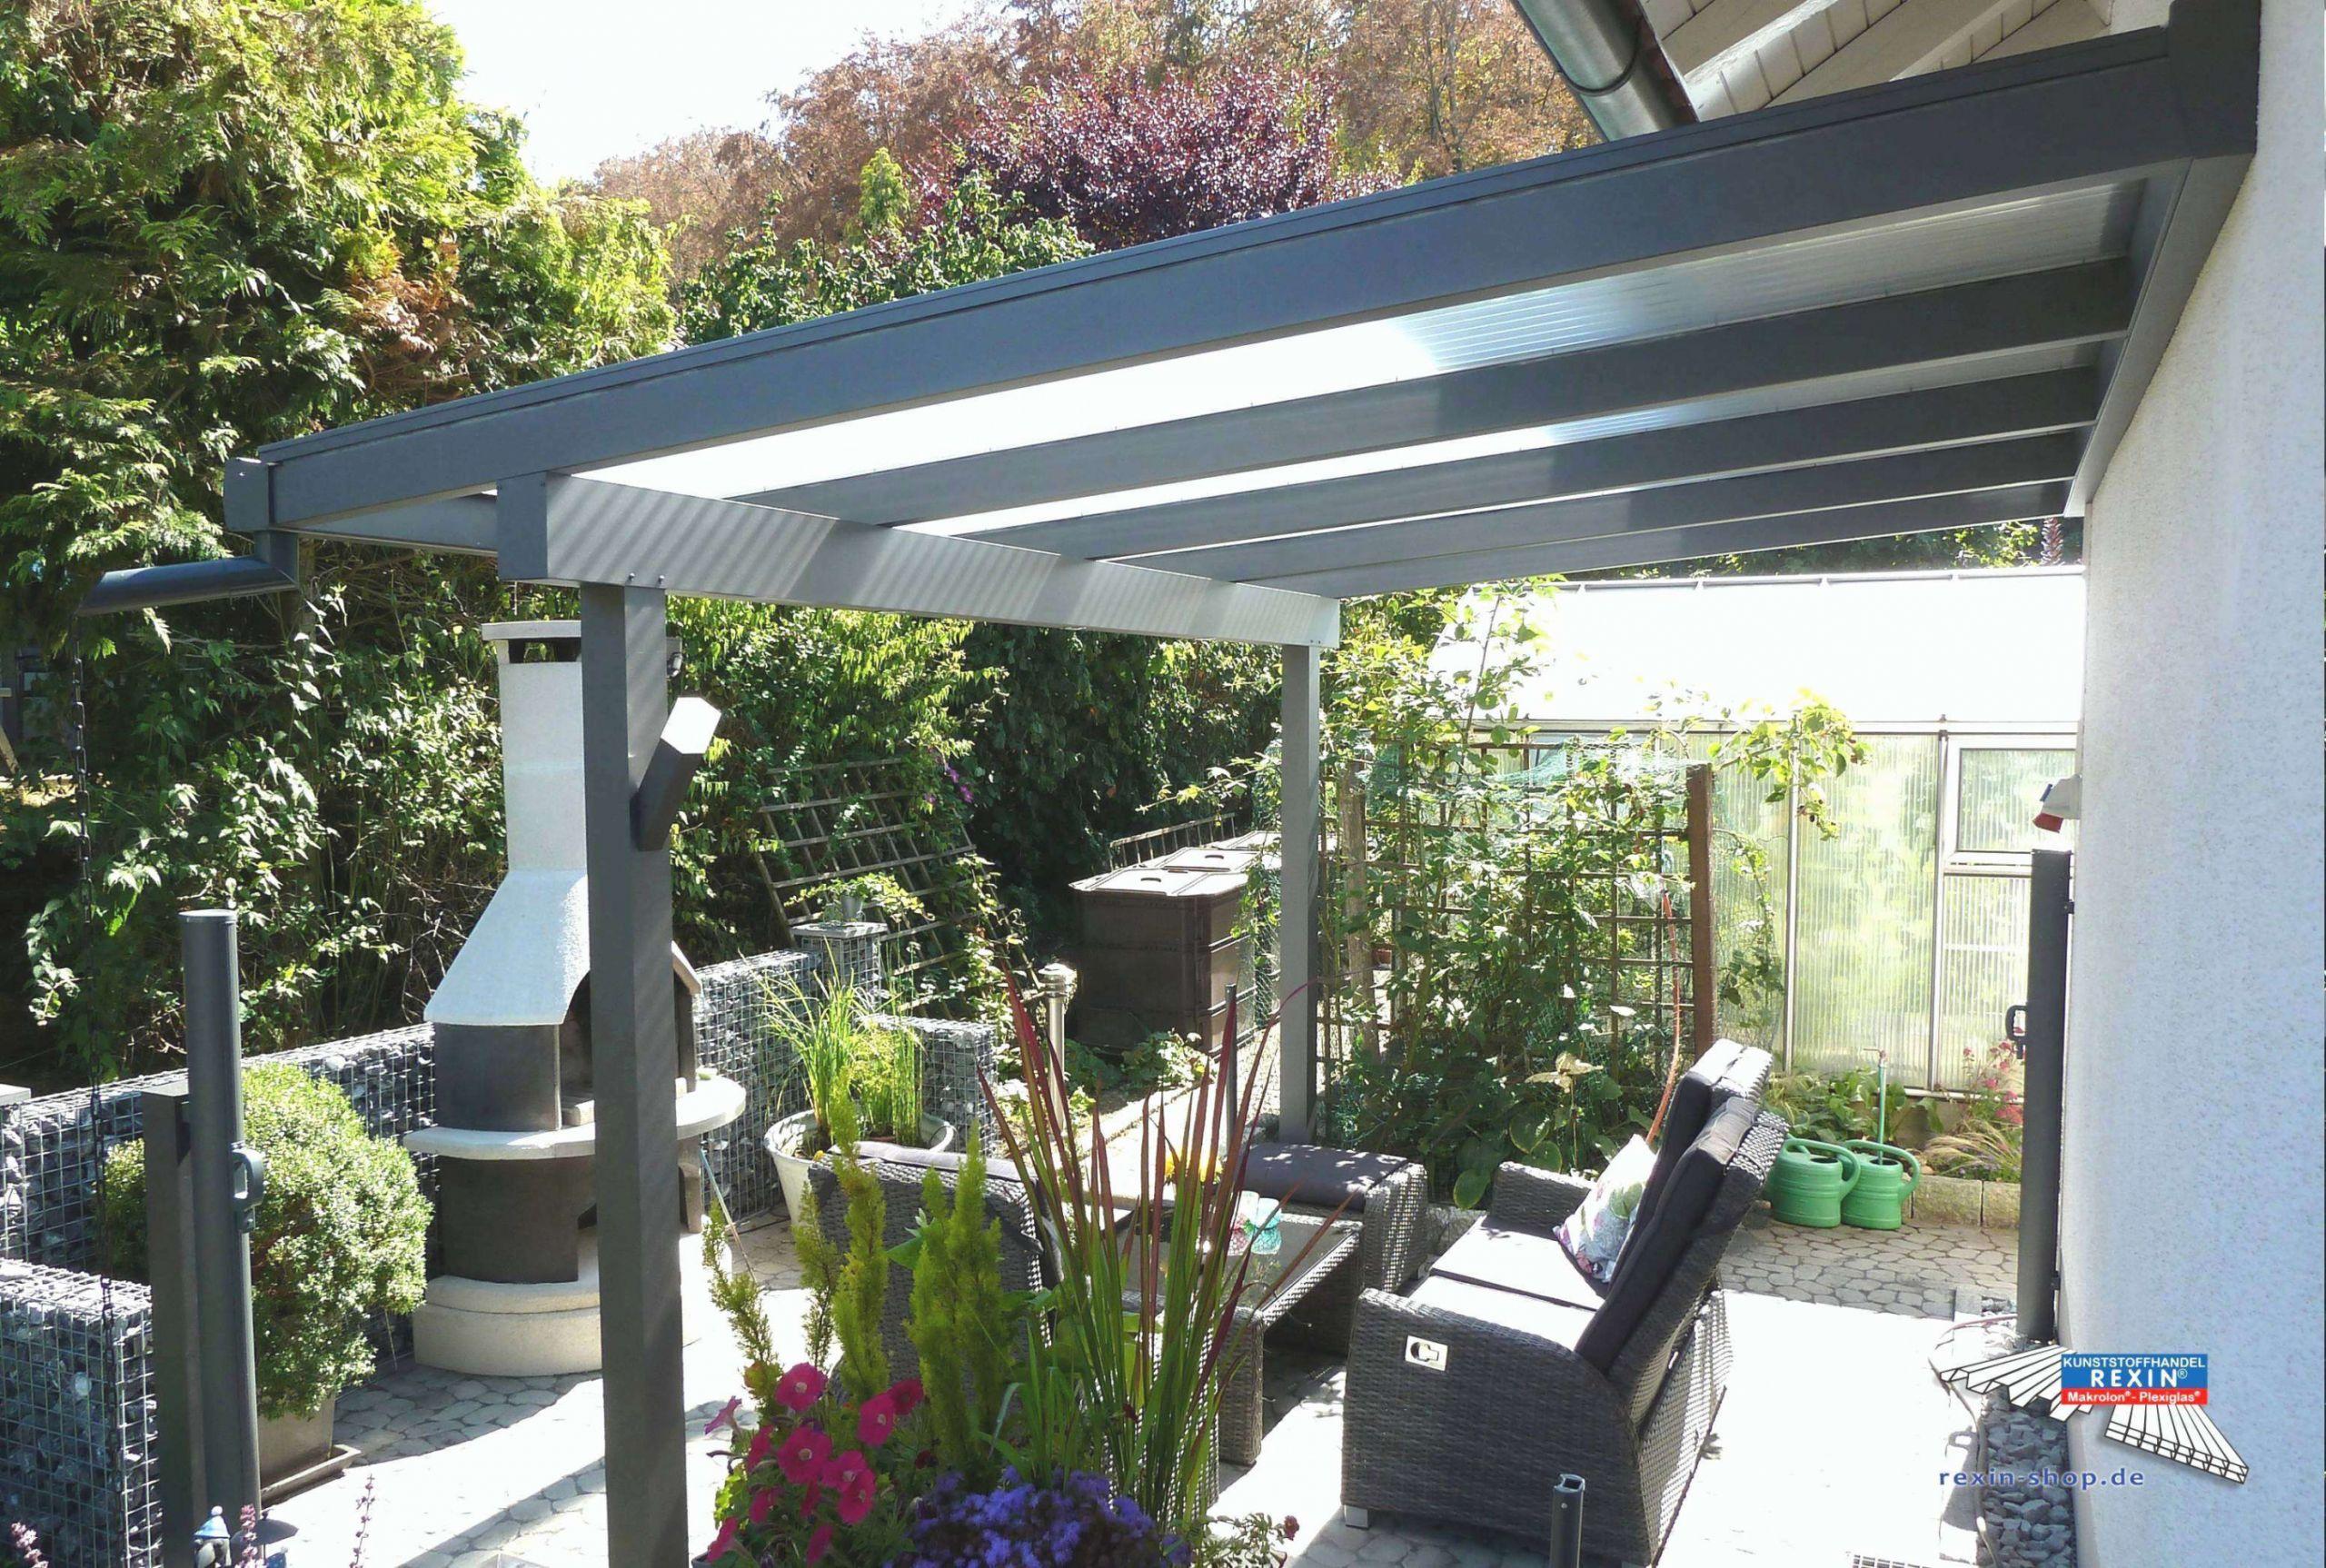 Deko Ideen Aus Holz Selber Machen Inspirierend Deko Garten Selber Machen — Temobardz Home Blog